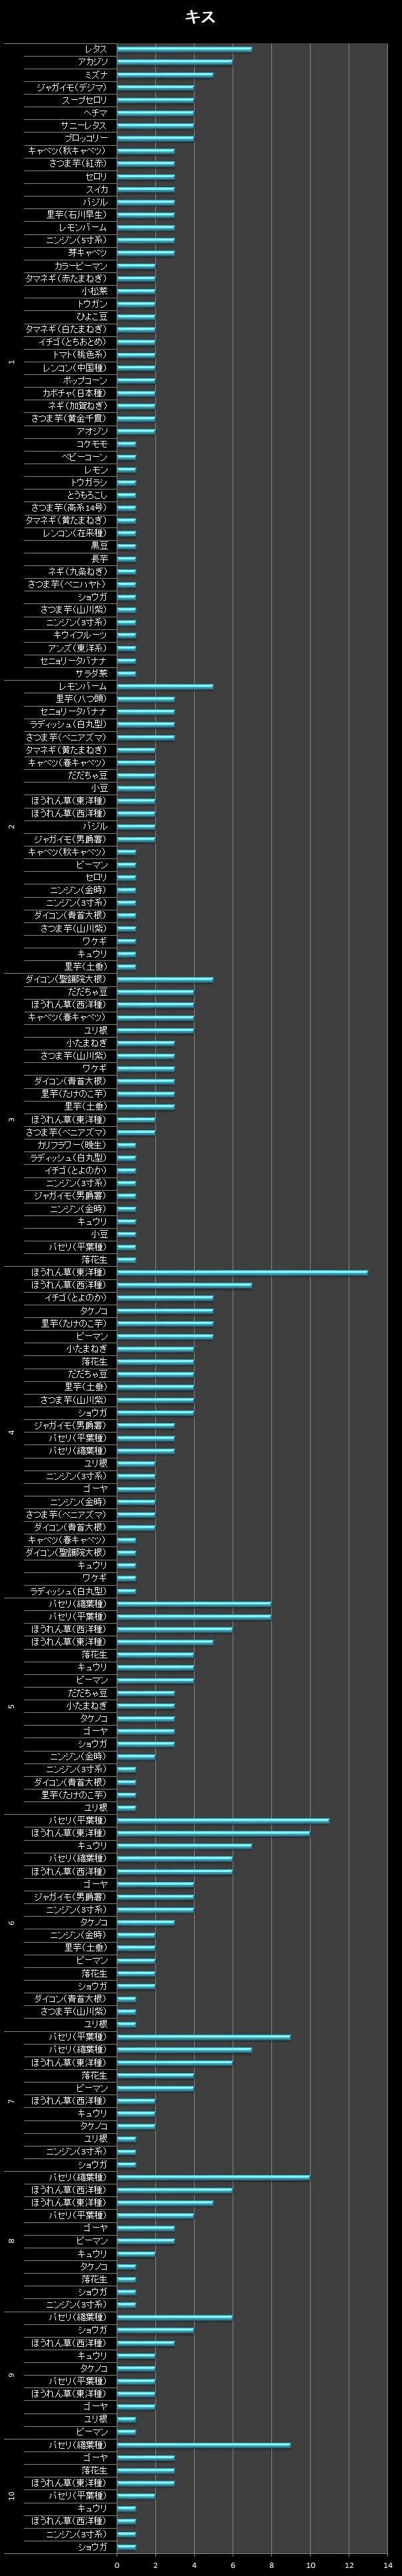 横棒グラフ/キス